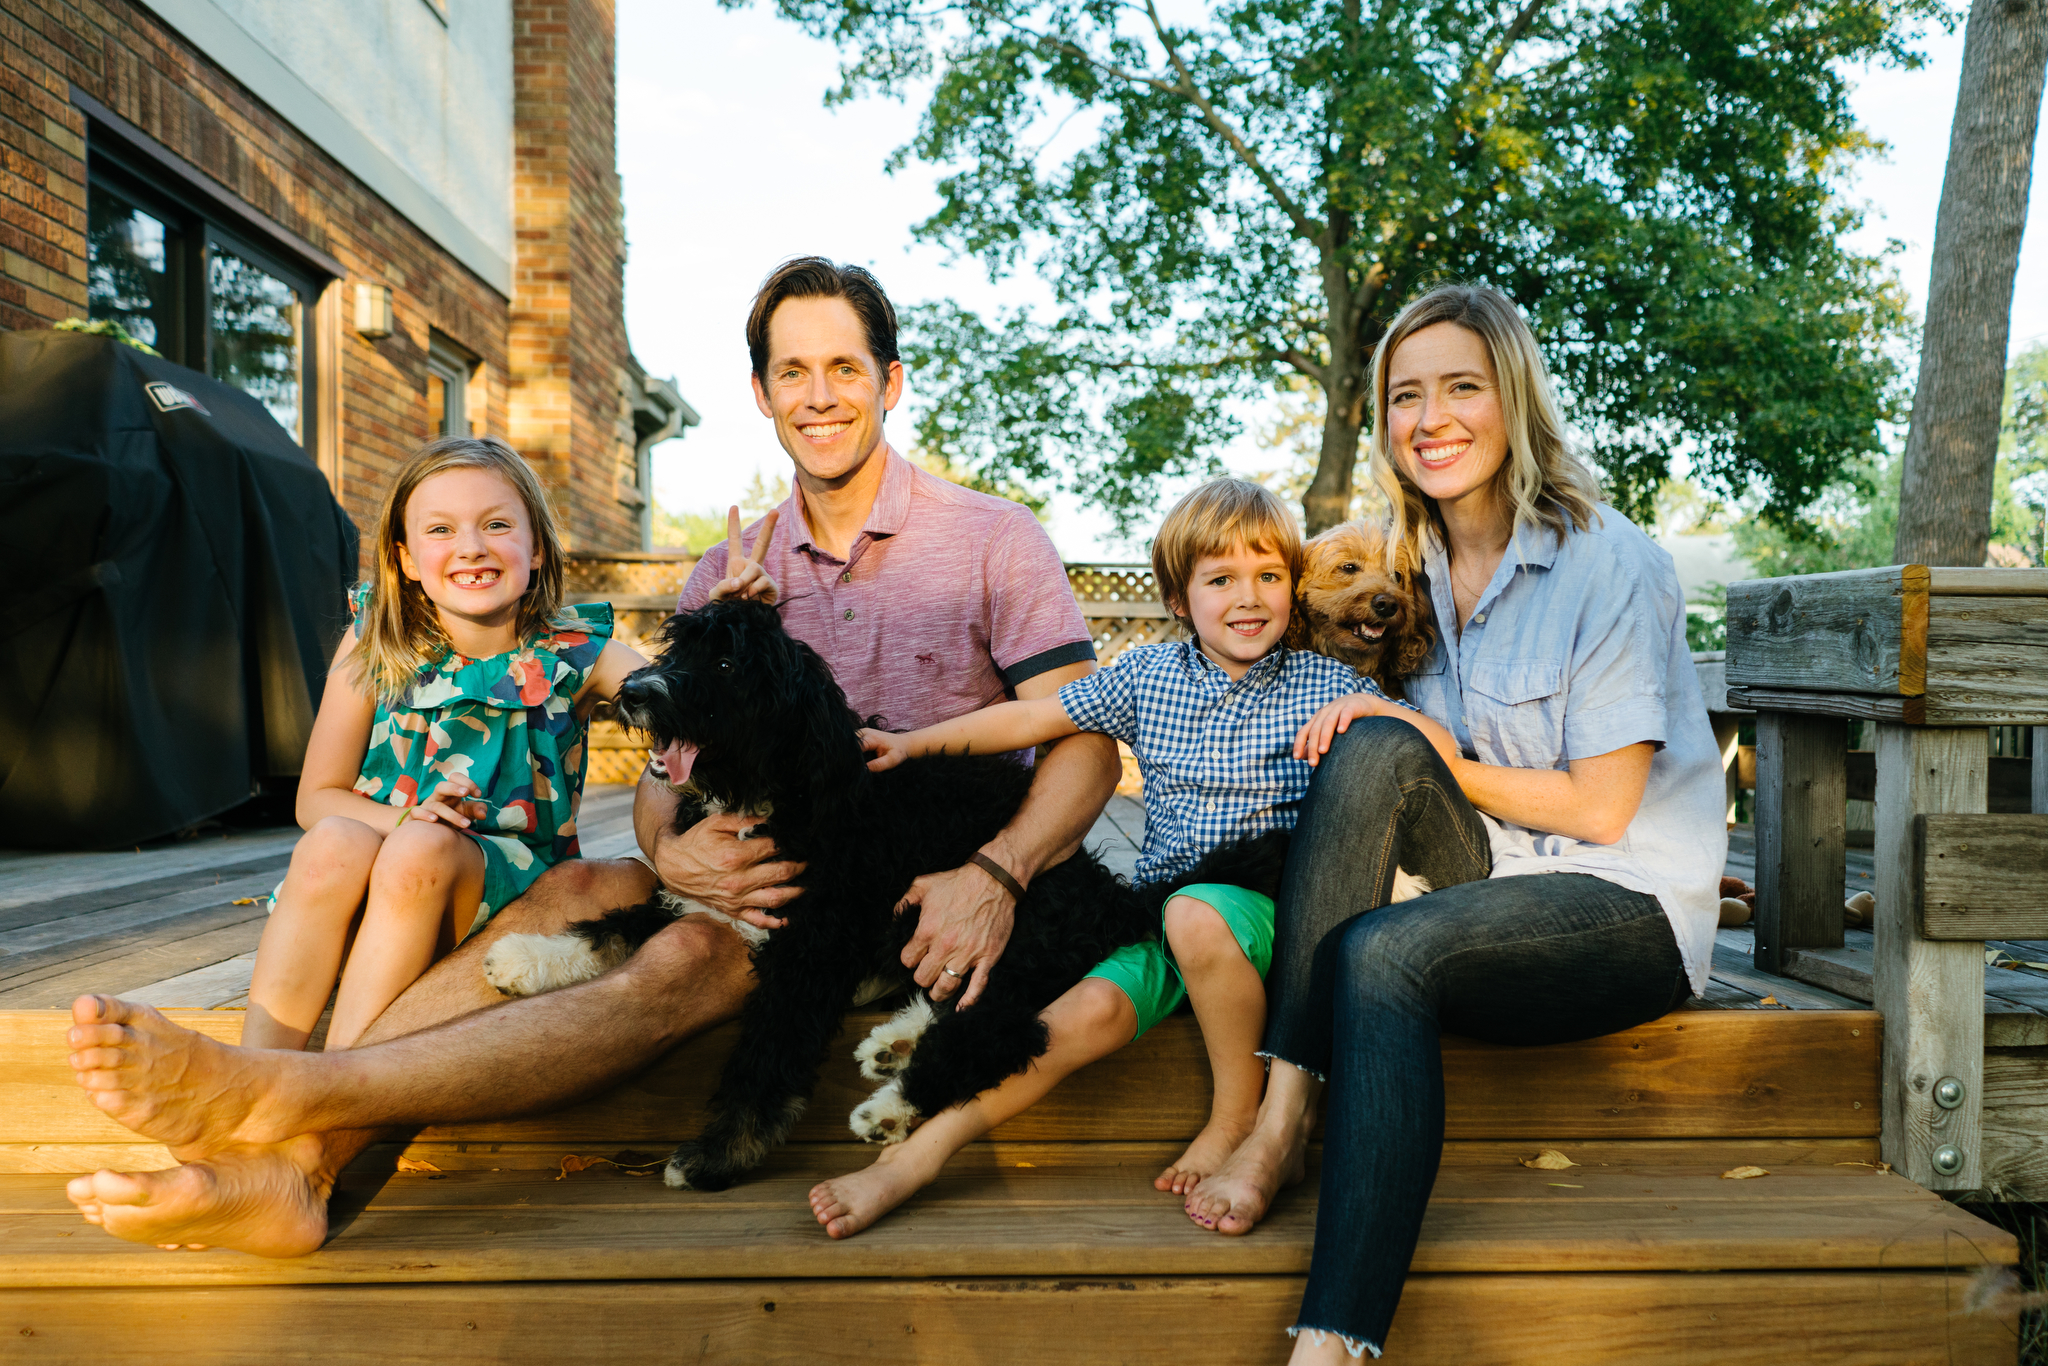 Edina Family Photos